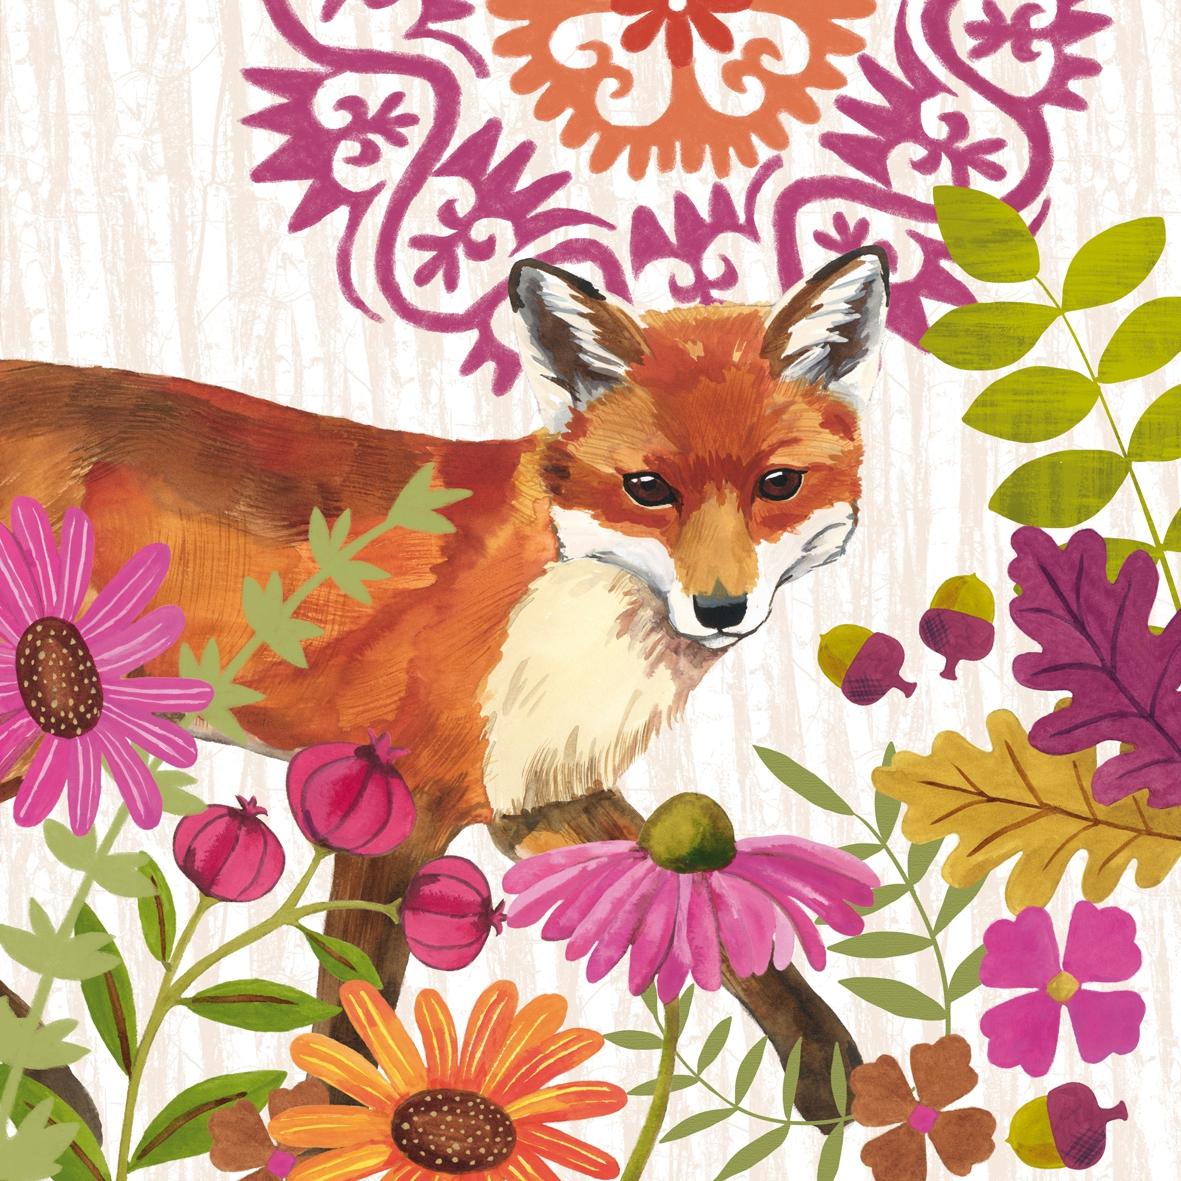 Servietten Herbst,  Tiere -  Sonstige,  Herbst,  lunchservietten,  Fuchs